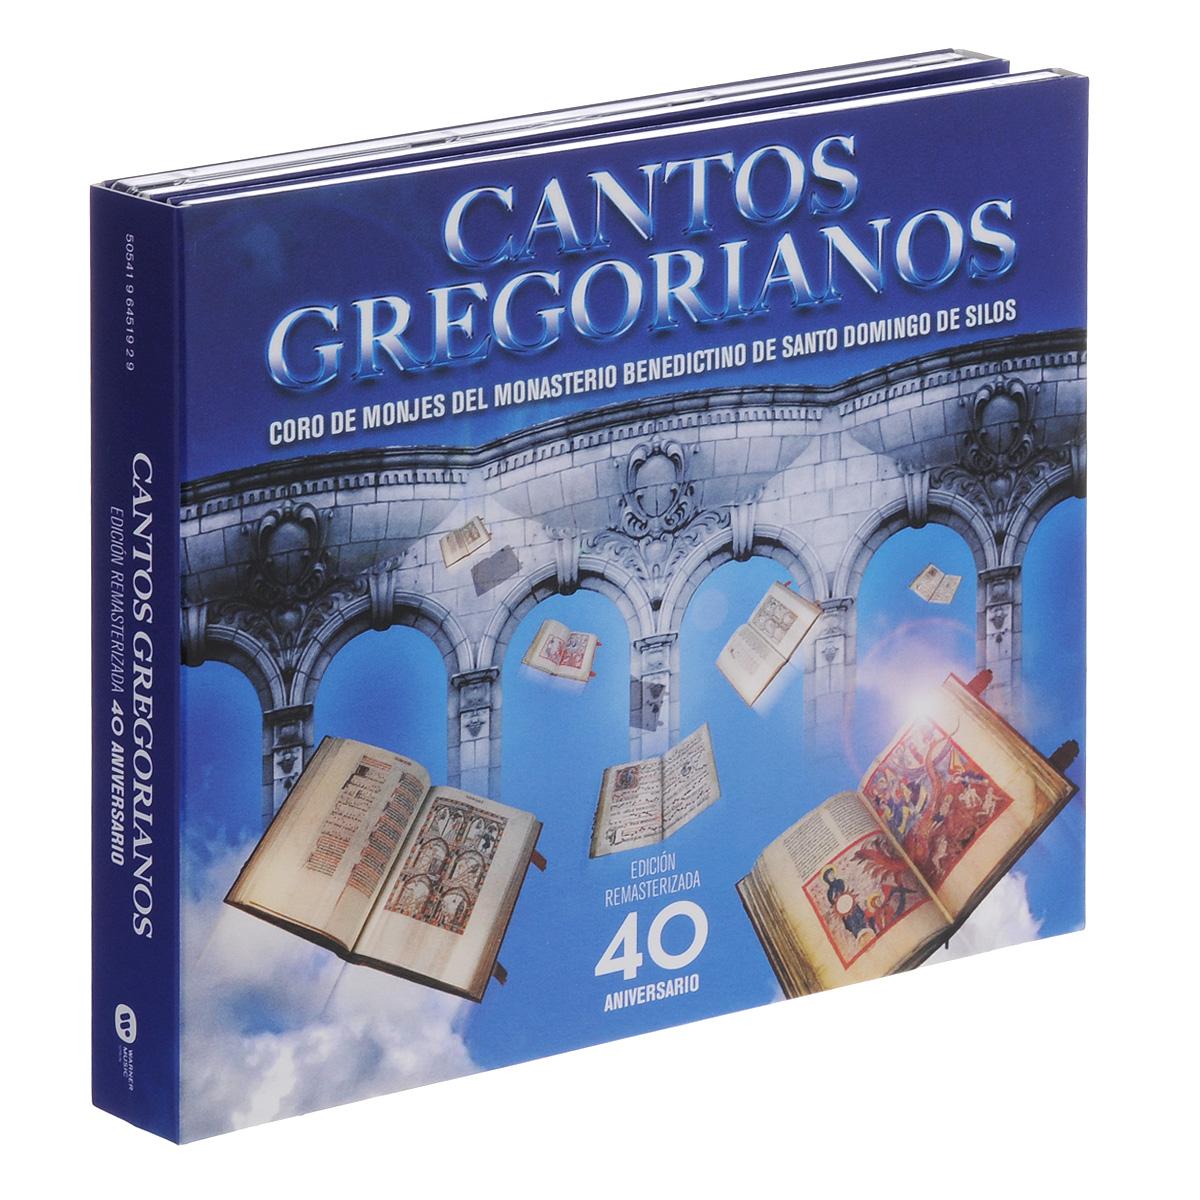 Cantos Gregorianos. Edicion Remasterizada. 40 Aniversario (3 CD)